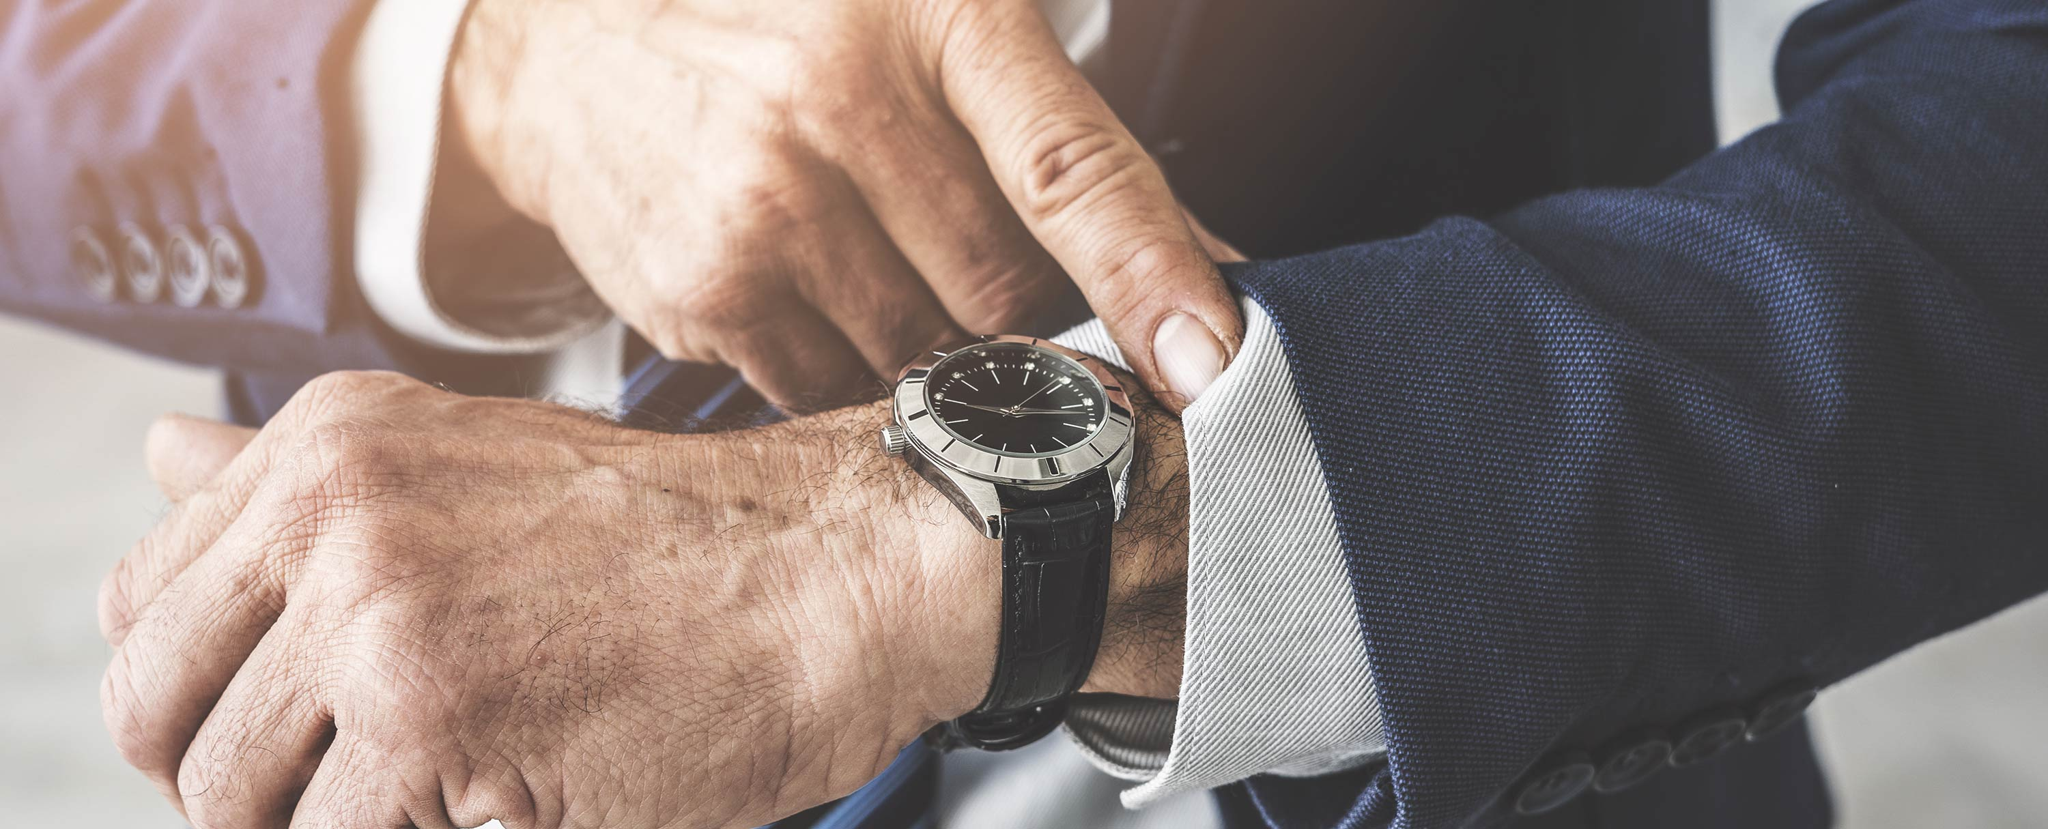 Zeitmanagement für Projektleiter und Softwareentwickler in IT-Unternehmen